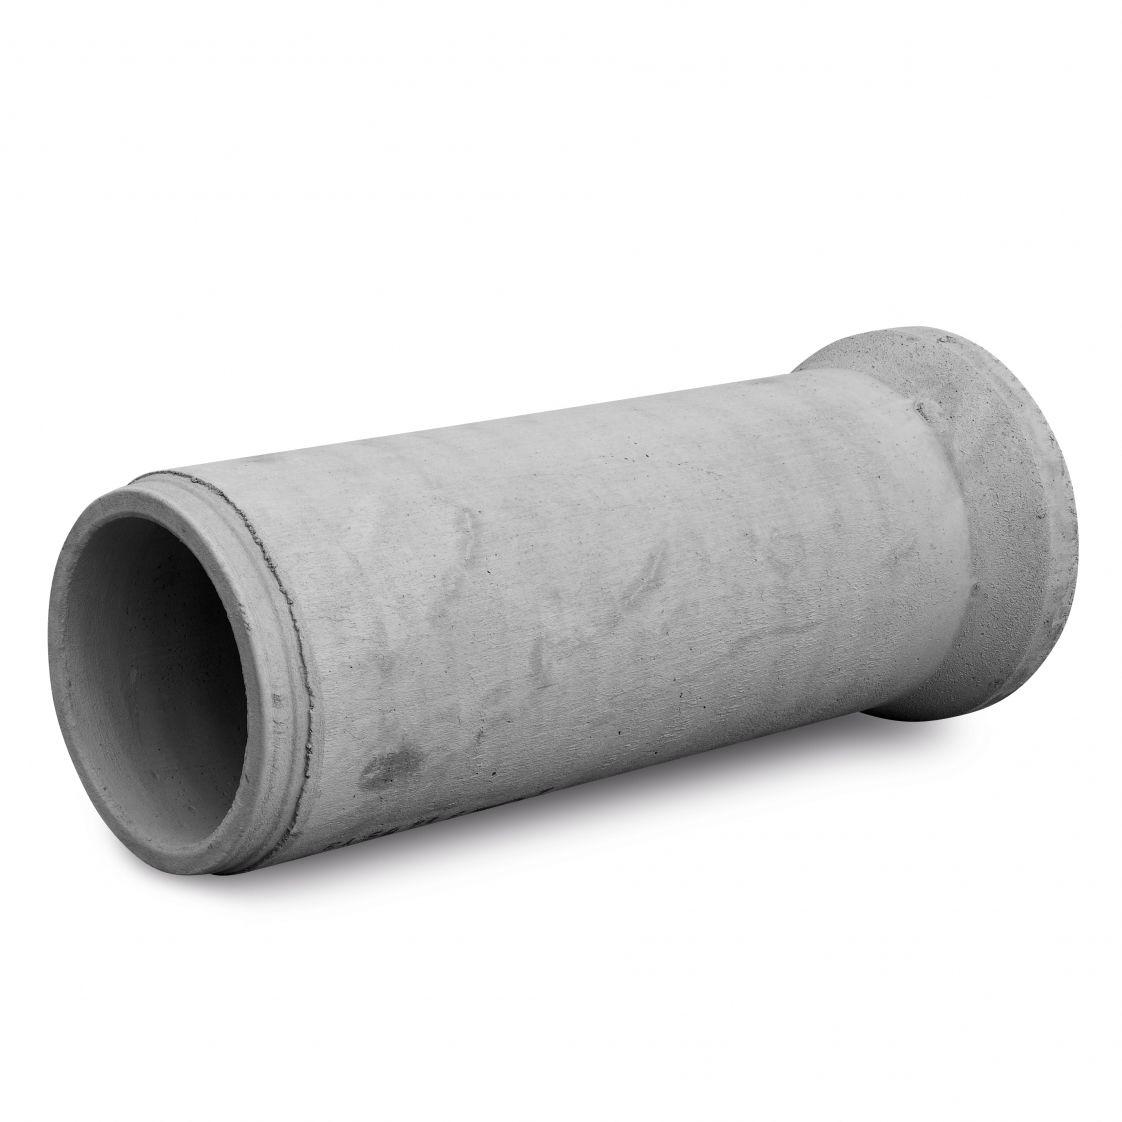 Бетона w конус для определения подвижности бетонной смеси гост